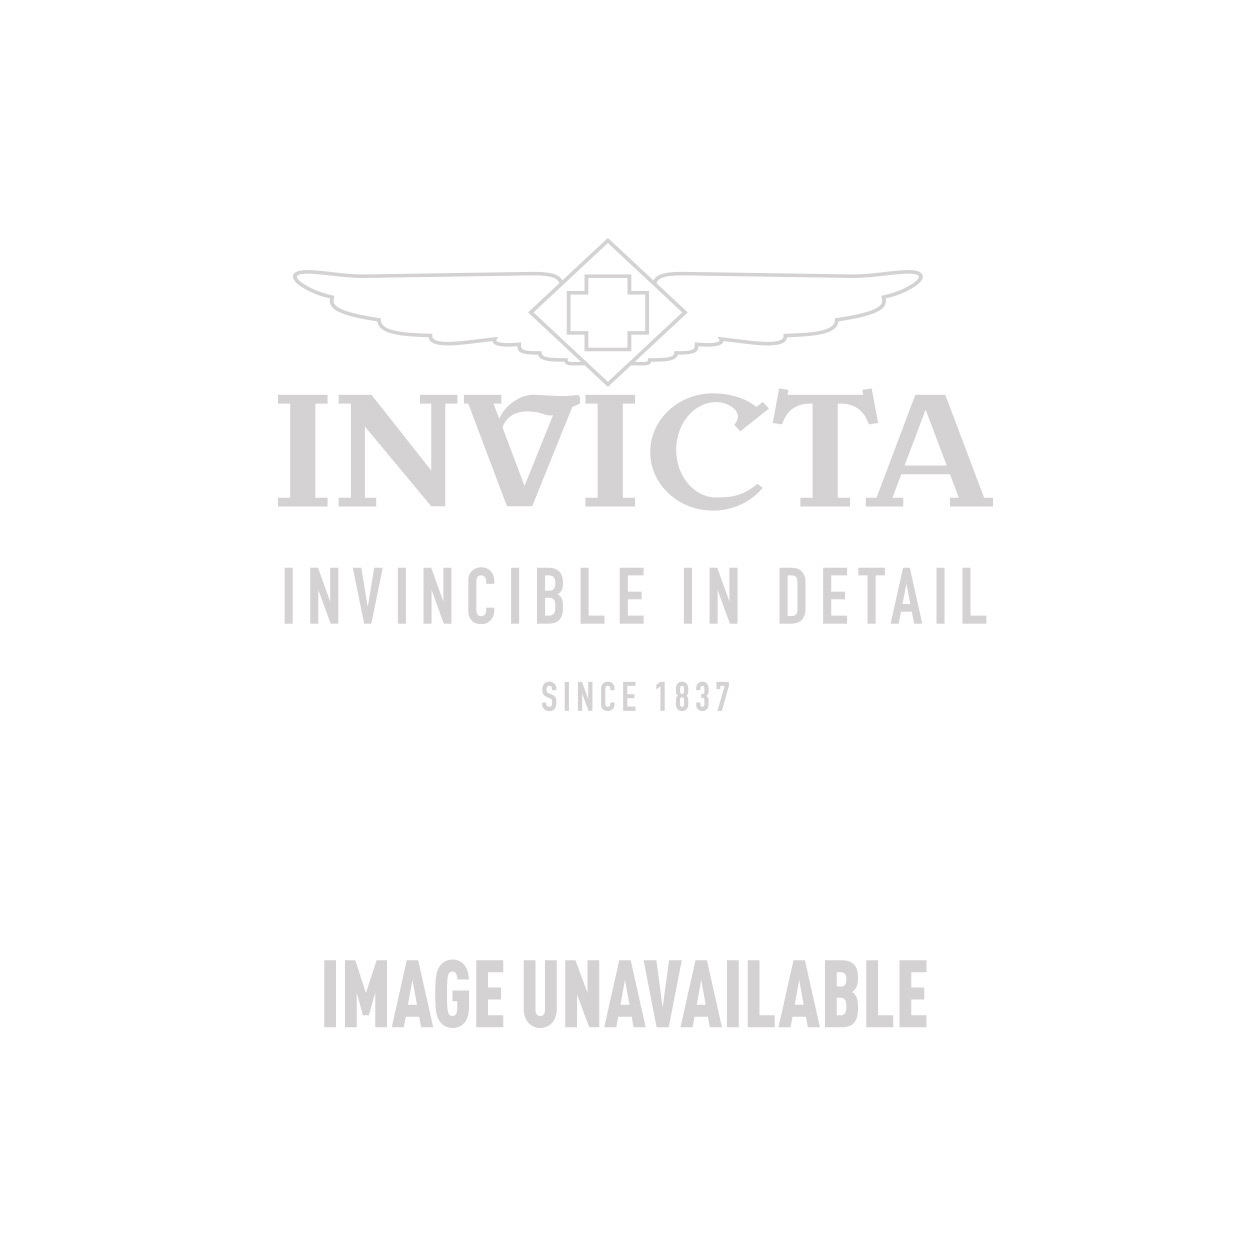 Invicta Model 23659